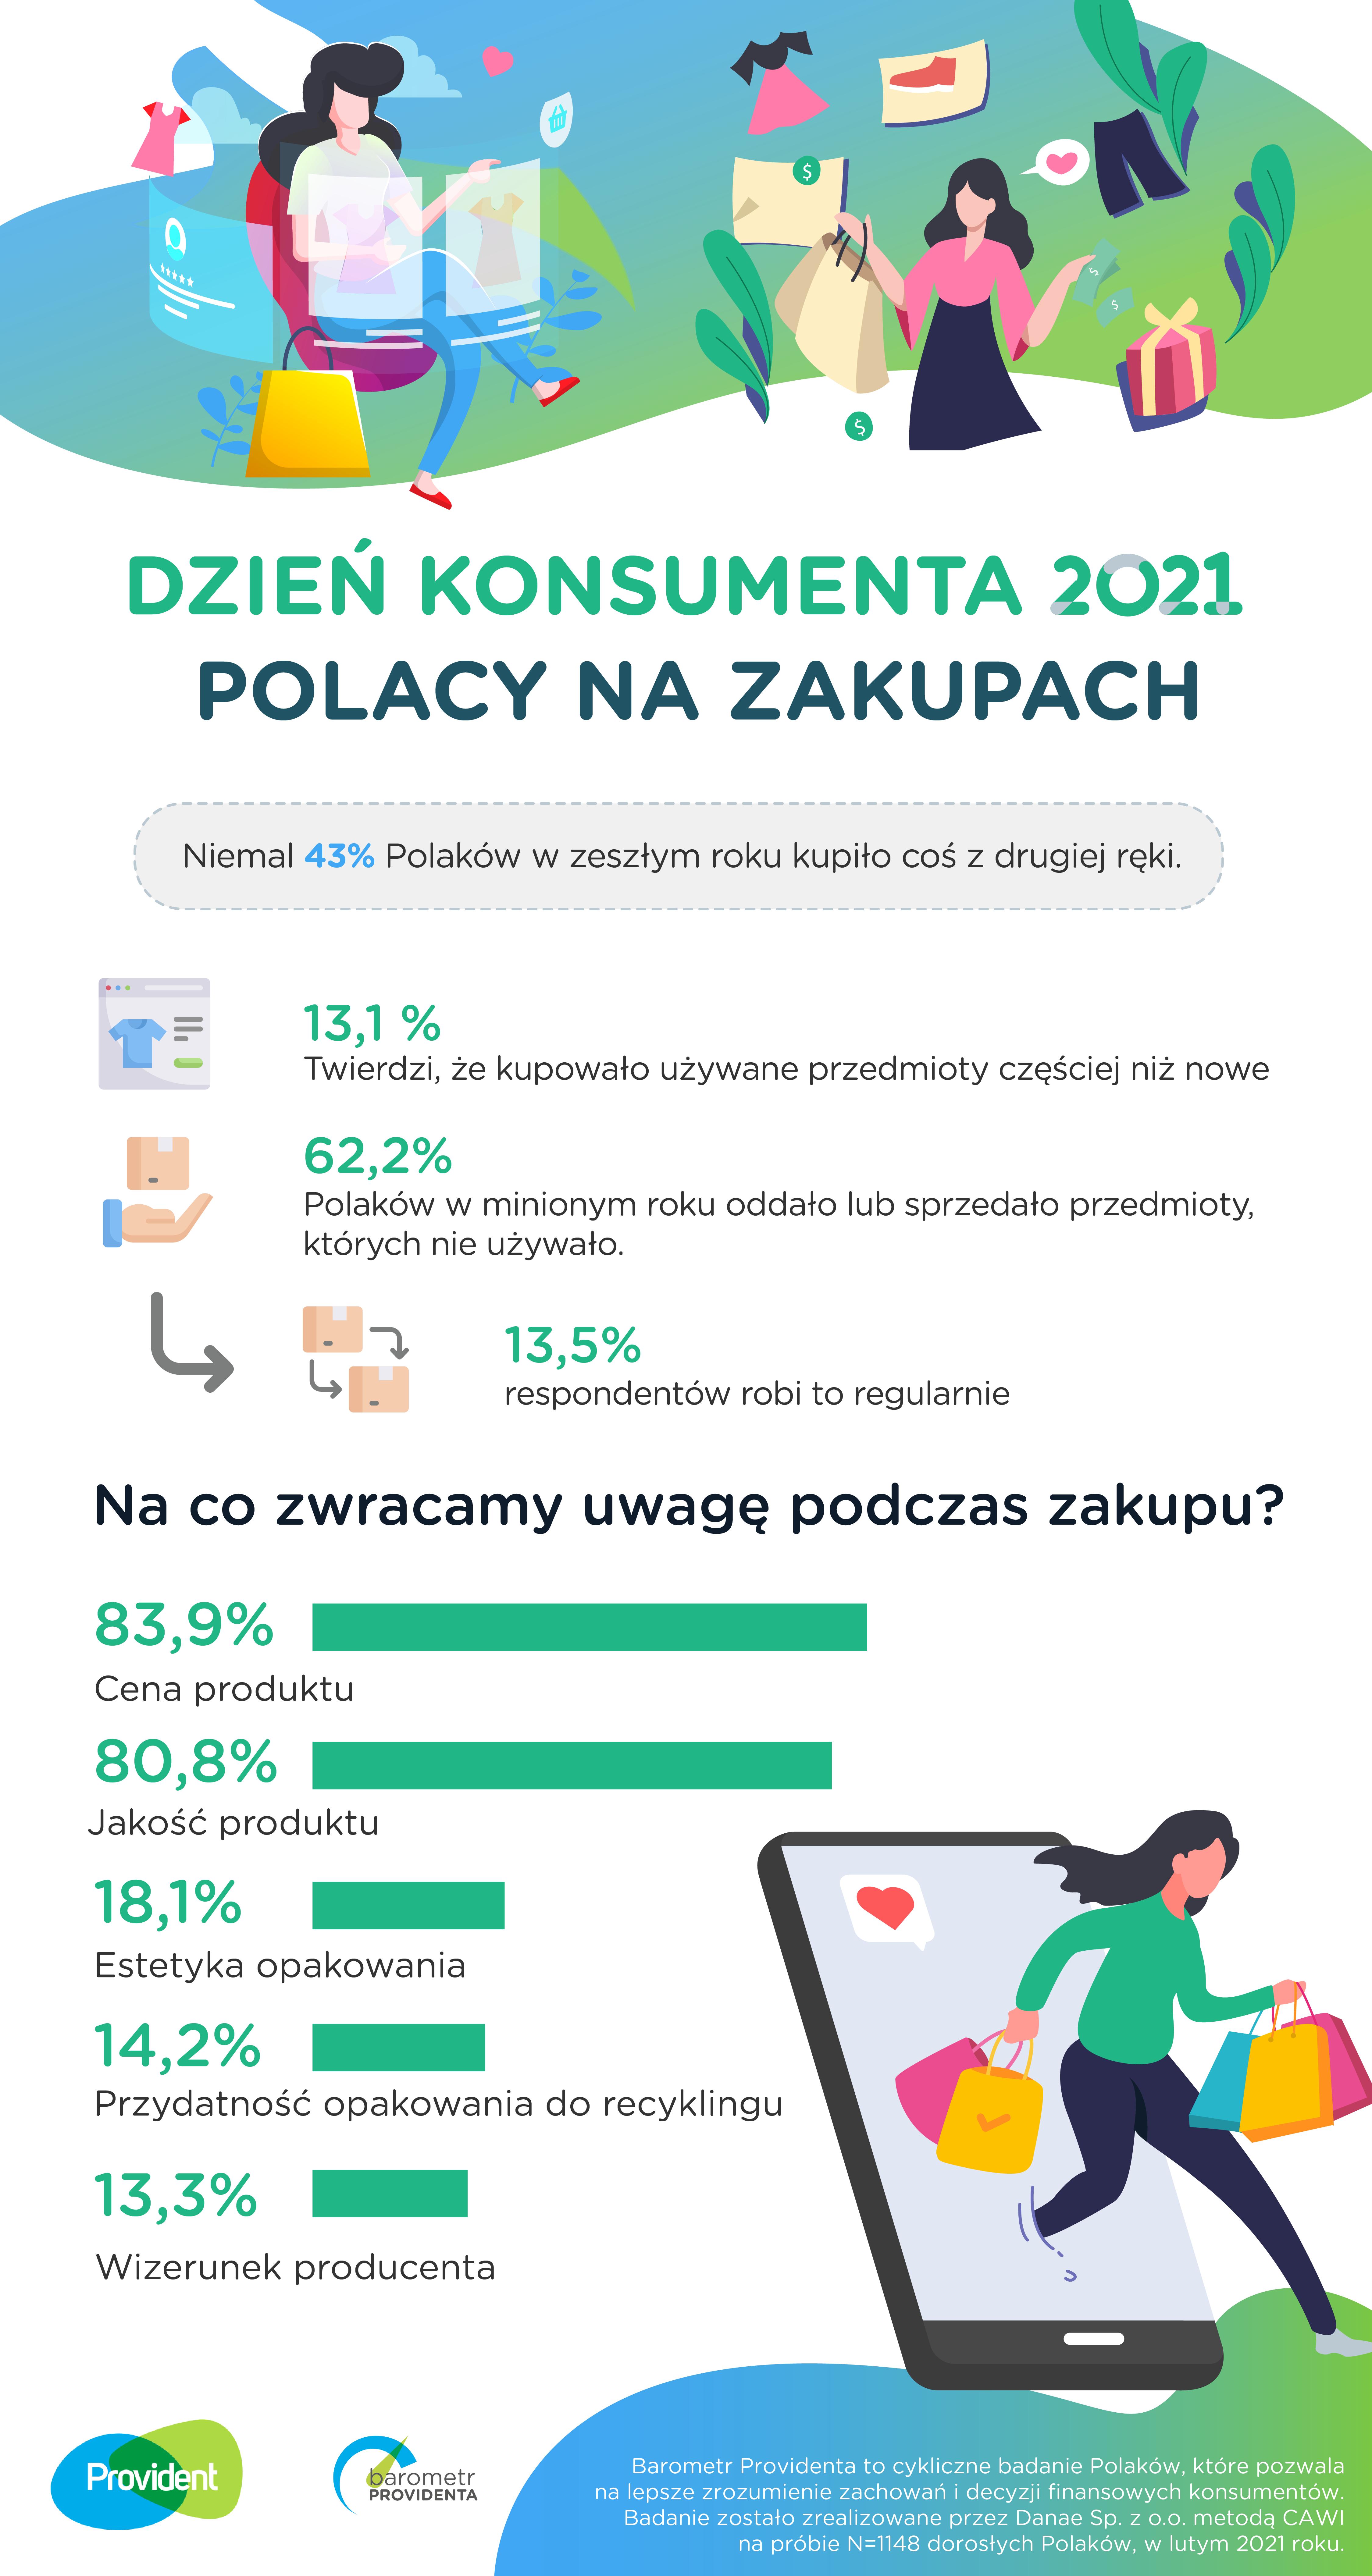 """Ponad 60 proc. Polaków jest """"less waste"""". Badania provident infografa dzien konsumenta 2021 01"""